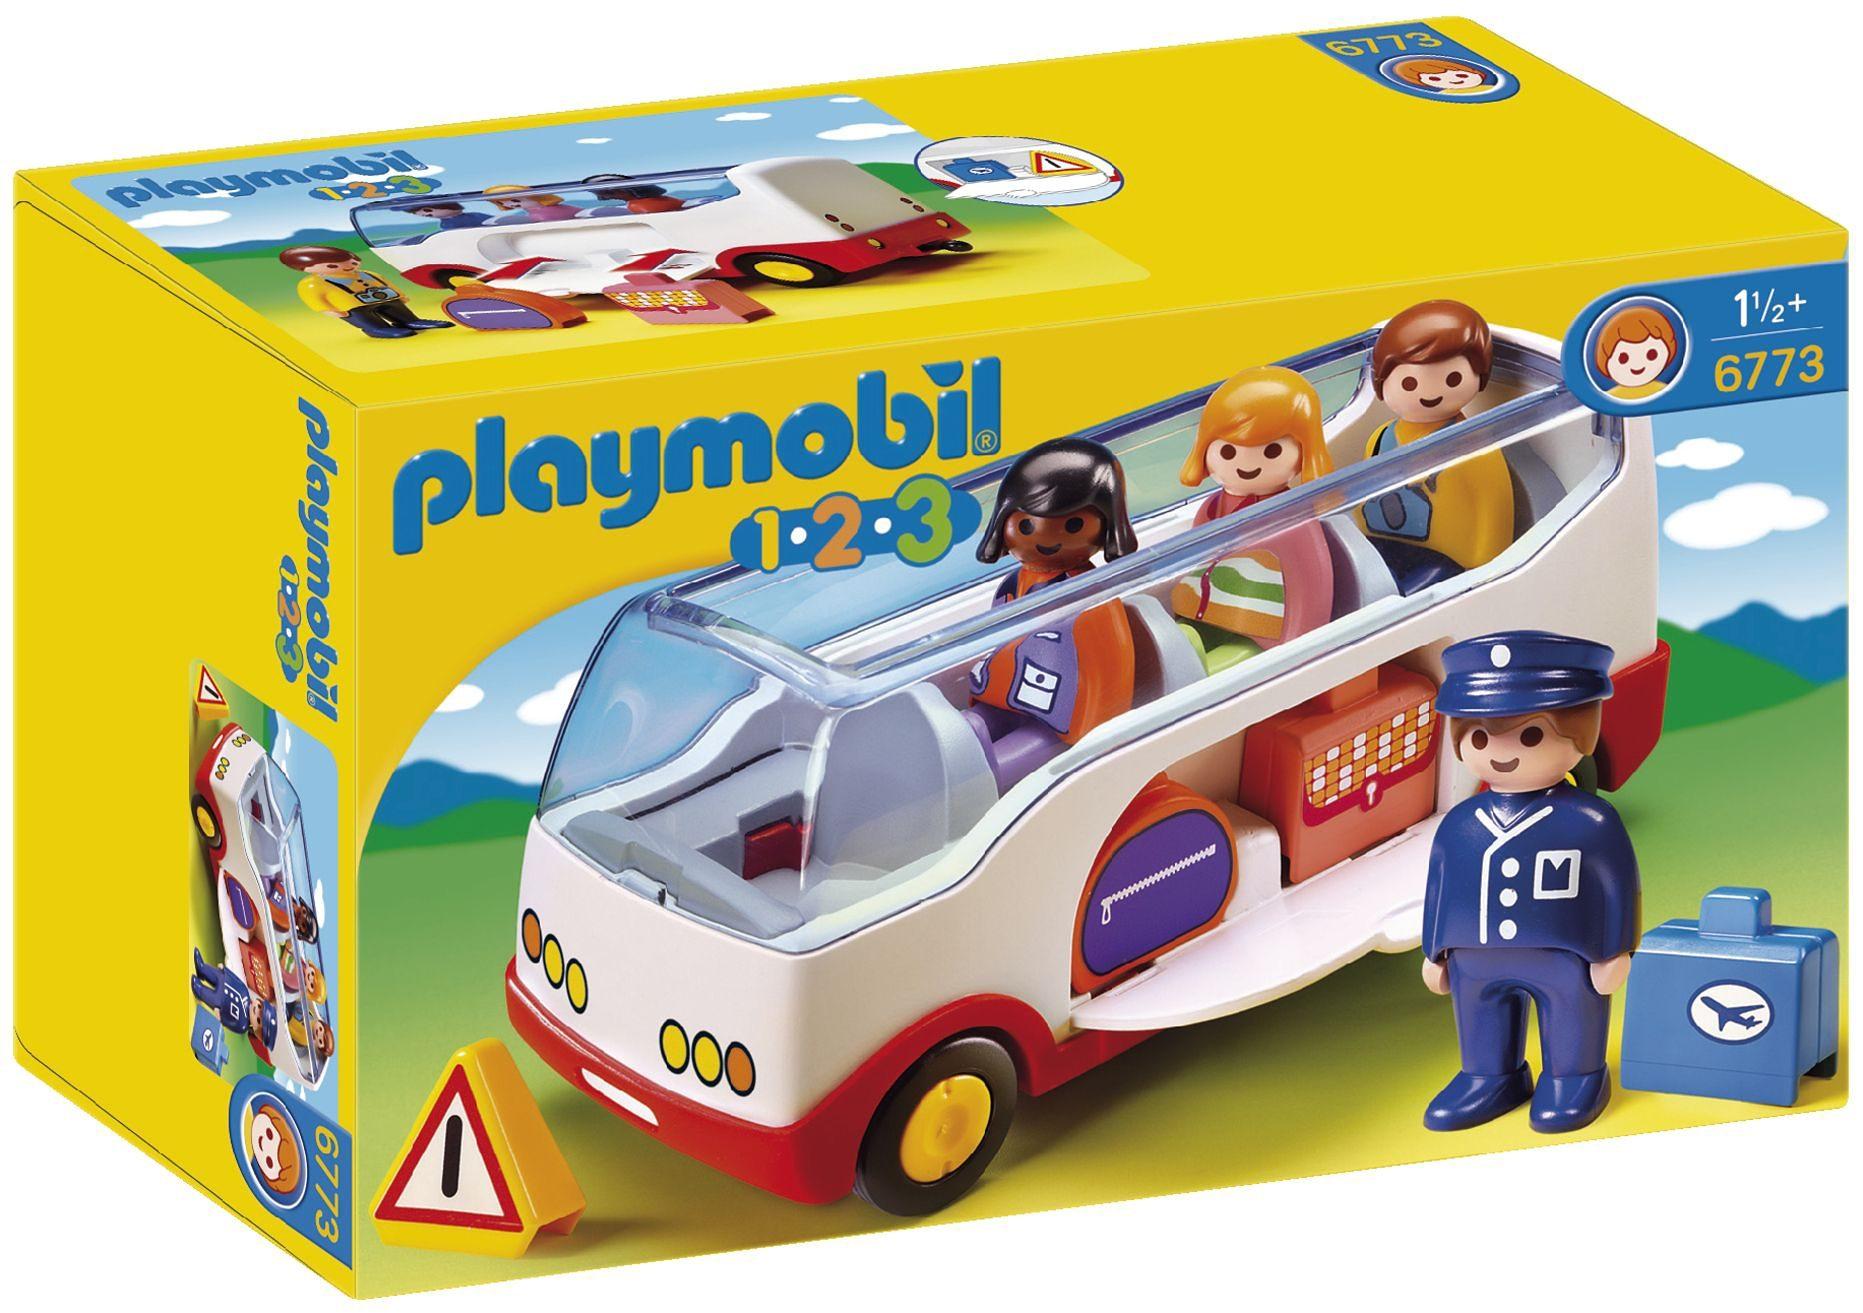 Playmobil® Reisebus (6773), Playmobil 1-2-3